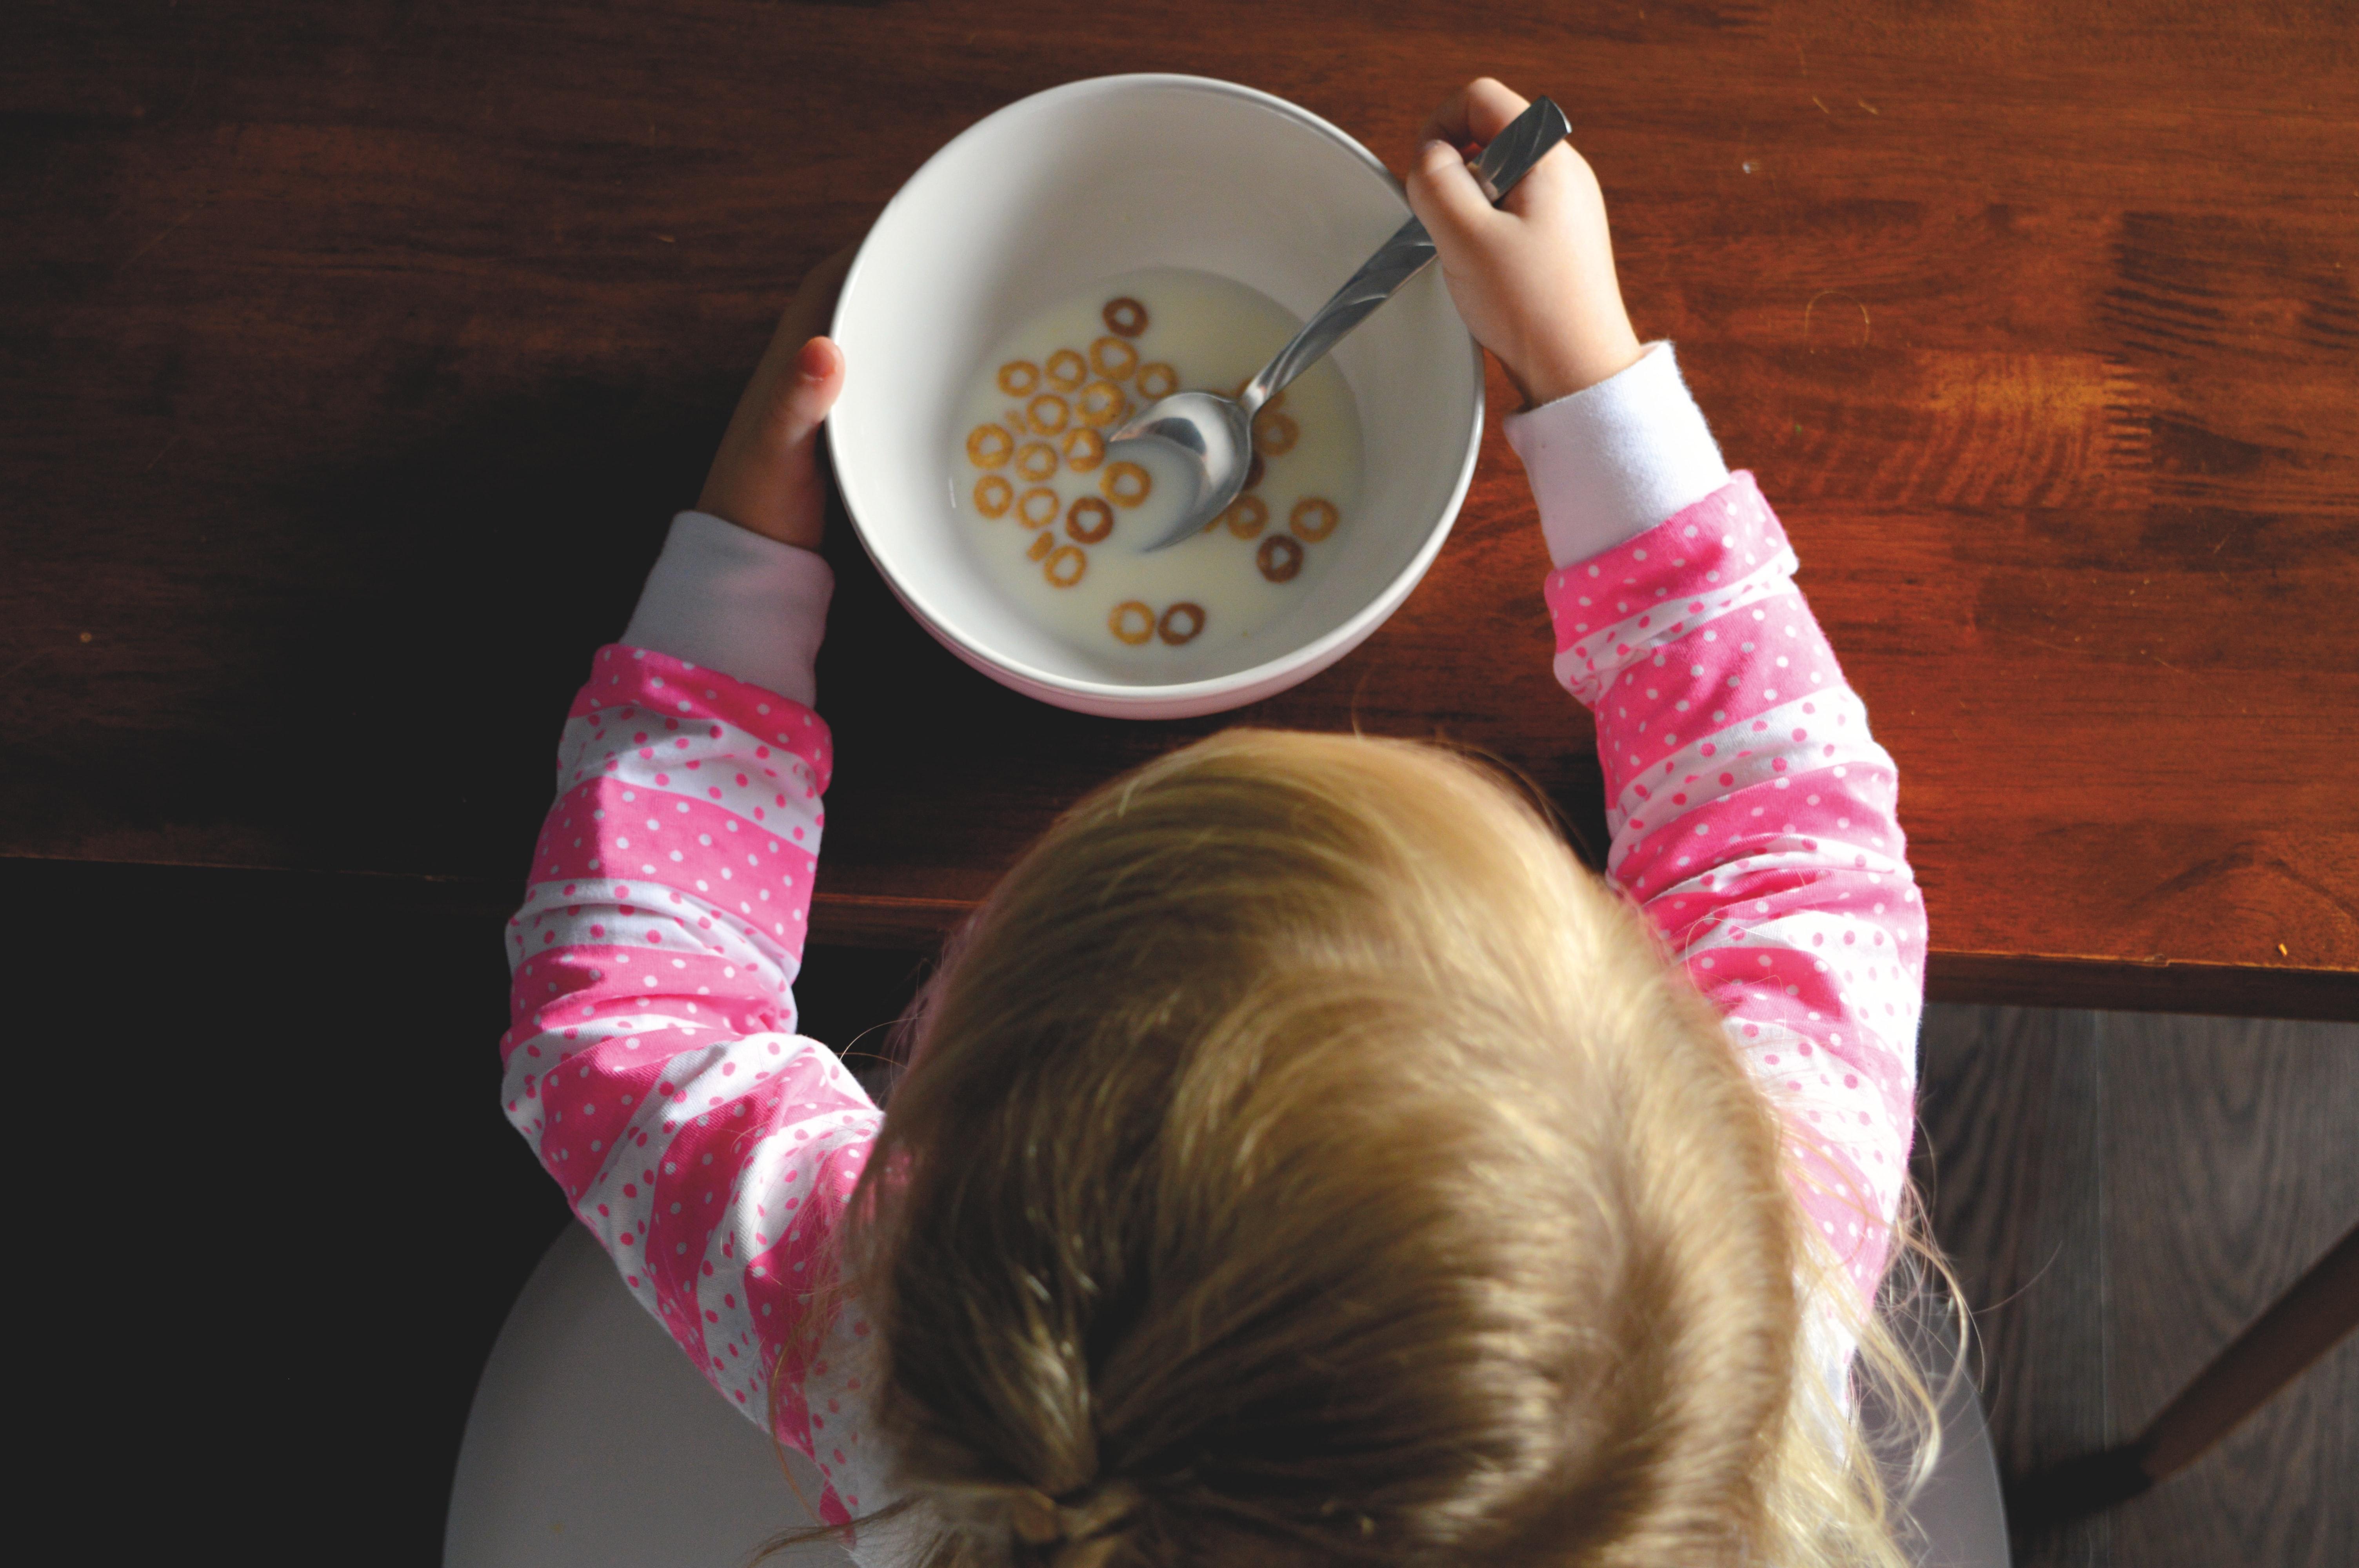 Immer Zirkus beim Essen? - Ernährungstipps für 4- bis 14-Jährige